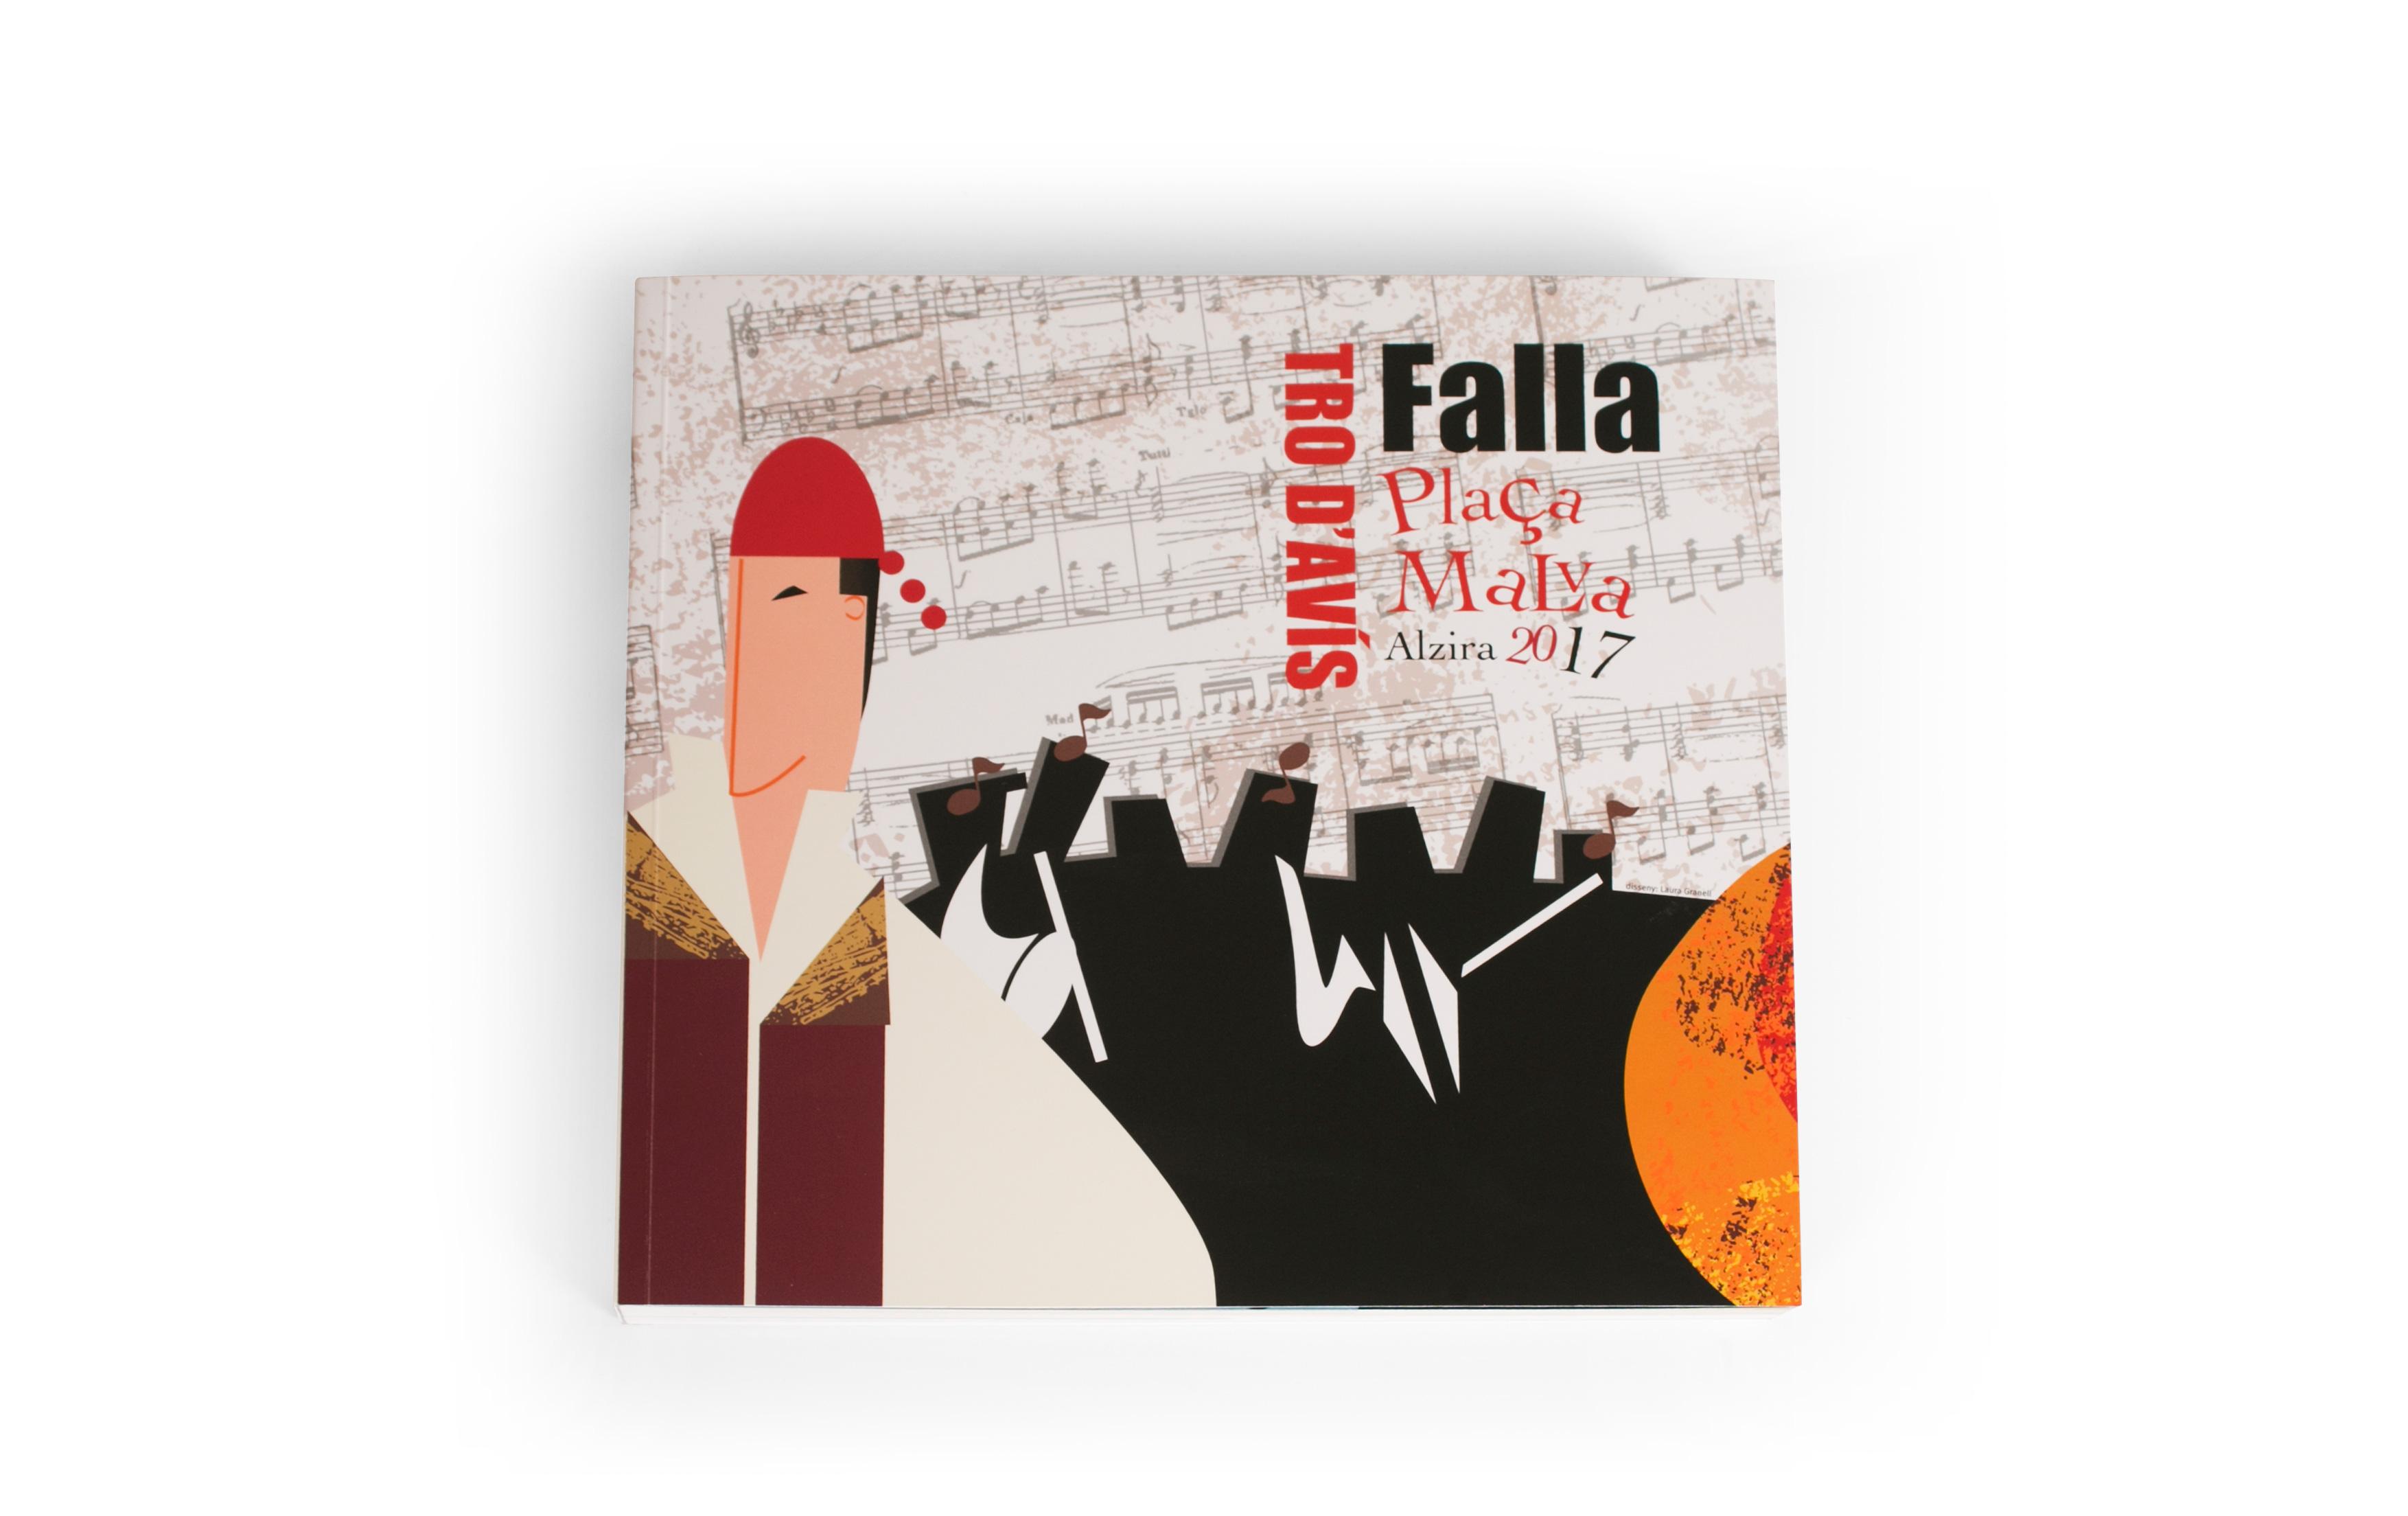 Falla Plaça Malva rinde homenaje a la canción en valenciano